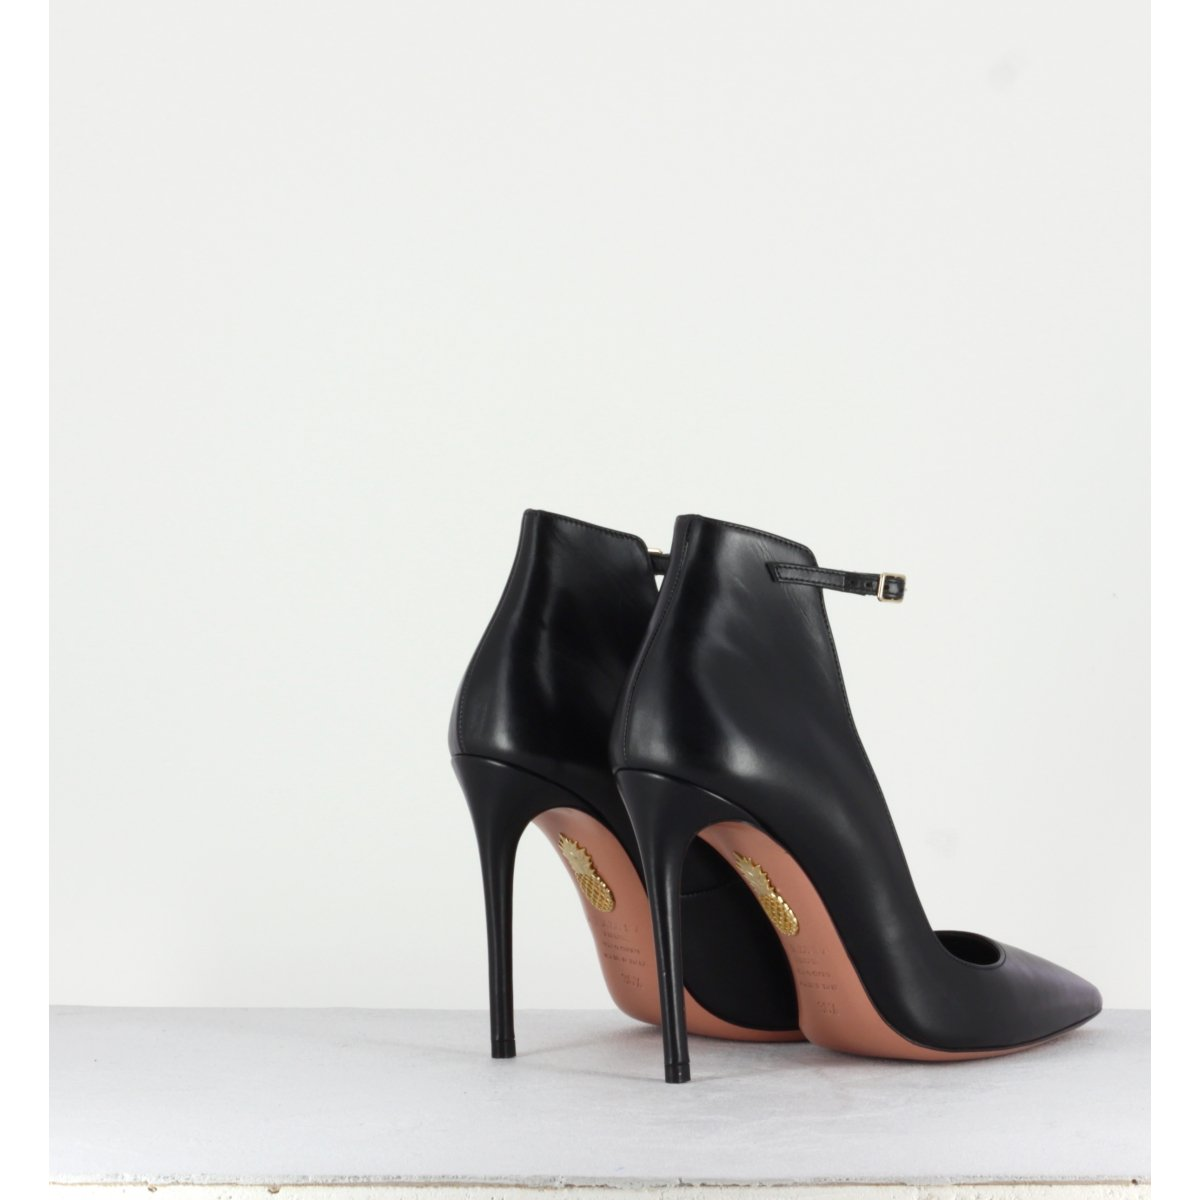 Escarpins pointus en cuir noir et talon aiguille Aquazzura - SHARON PUMP 105